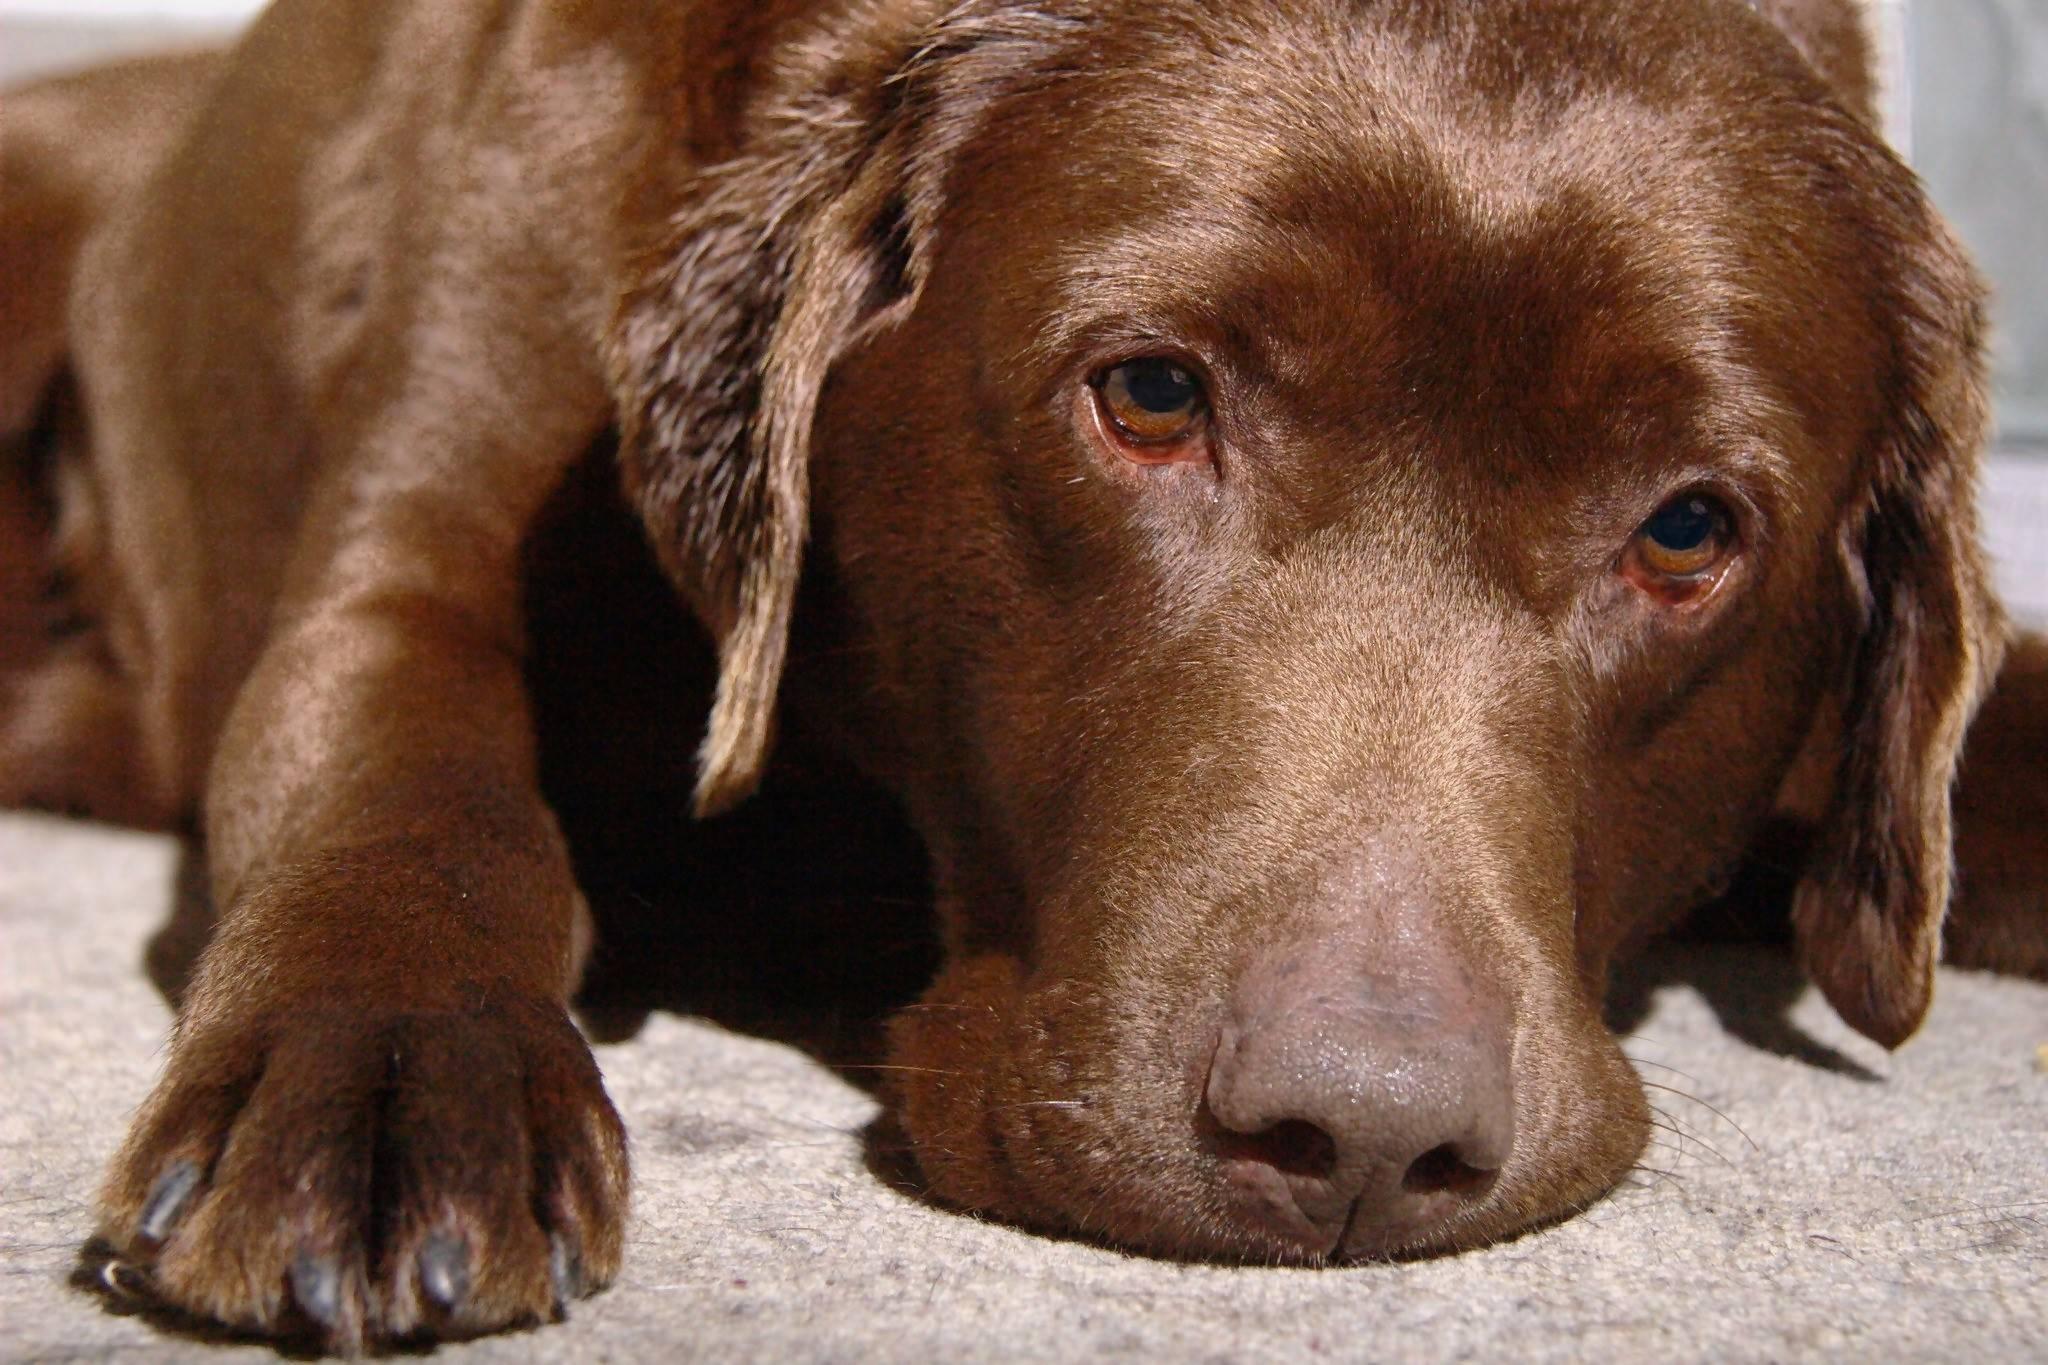 A stressed Chocolate Labrador